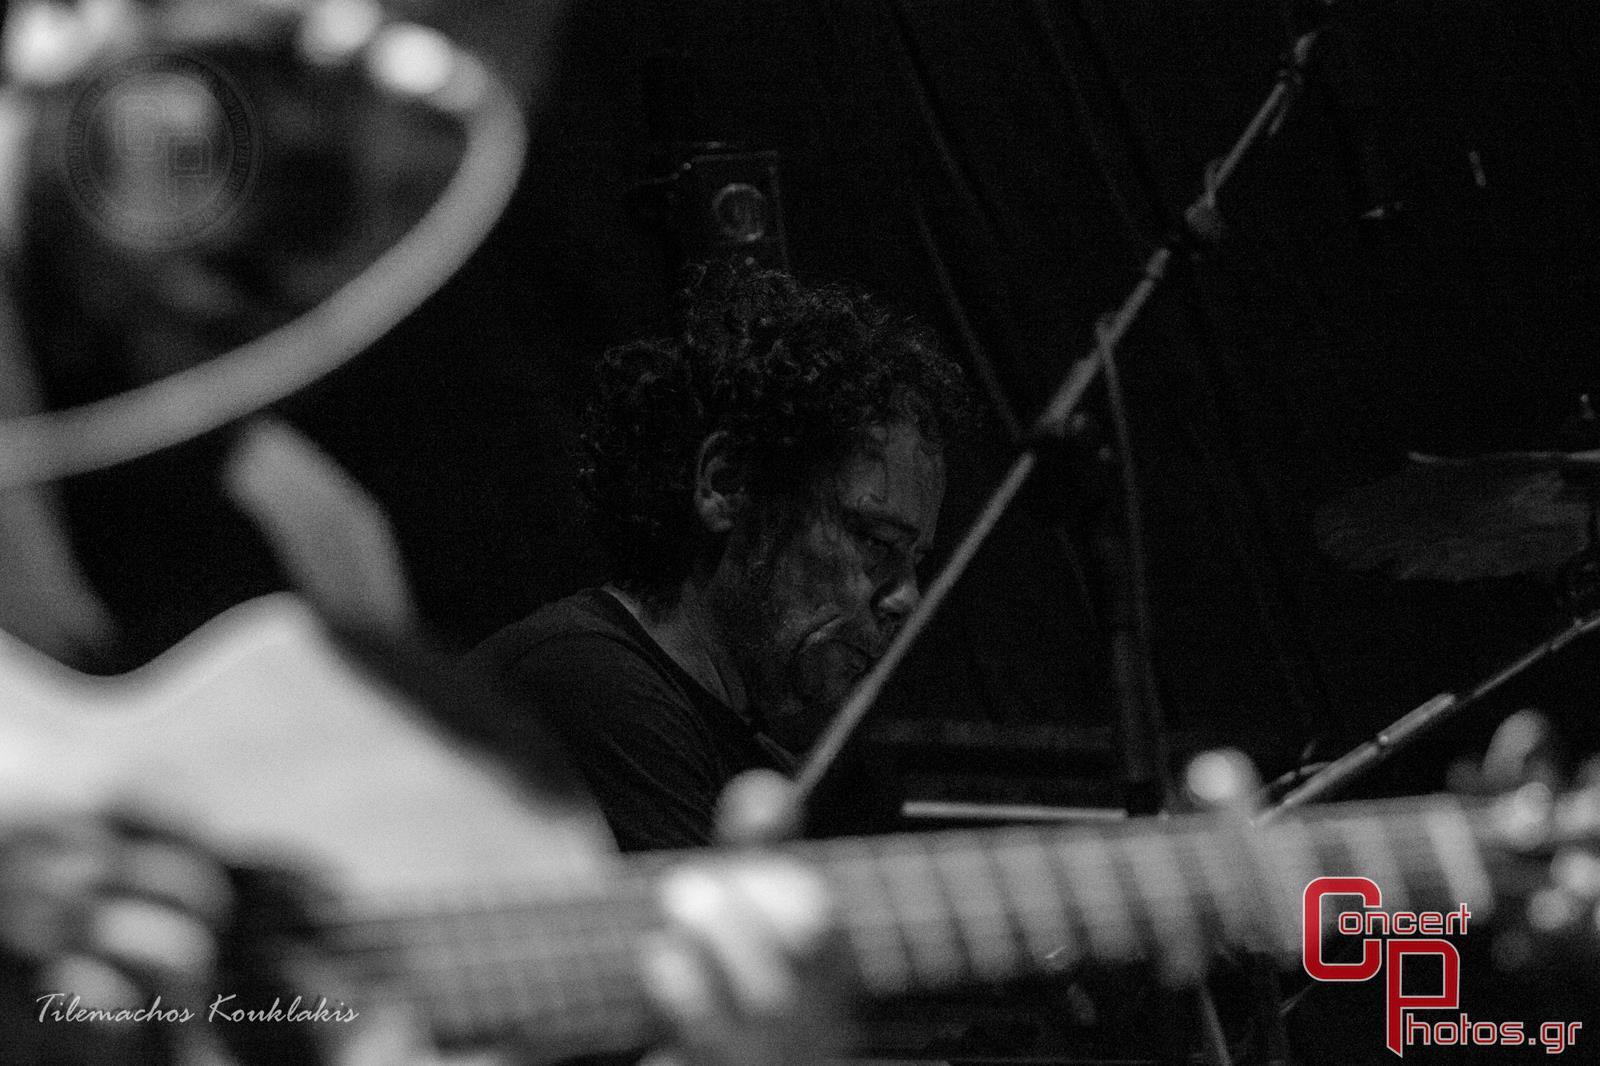 Γιάννης Αγγελάκας - Σύννεφα με Παντελόνια-Aggelakas-2 photographer:  - concertphotos_-1405153051